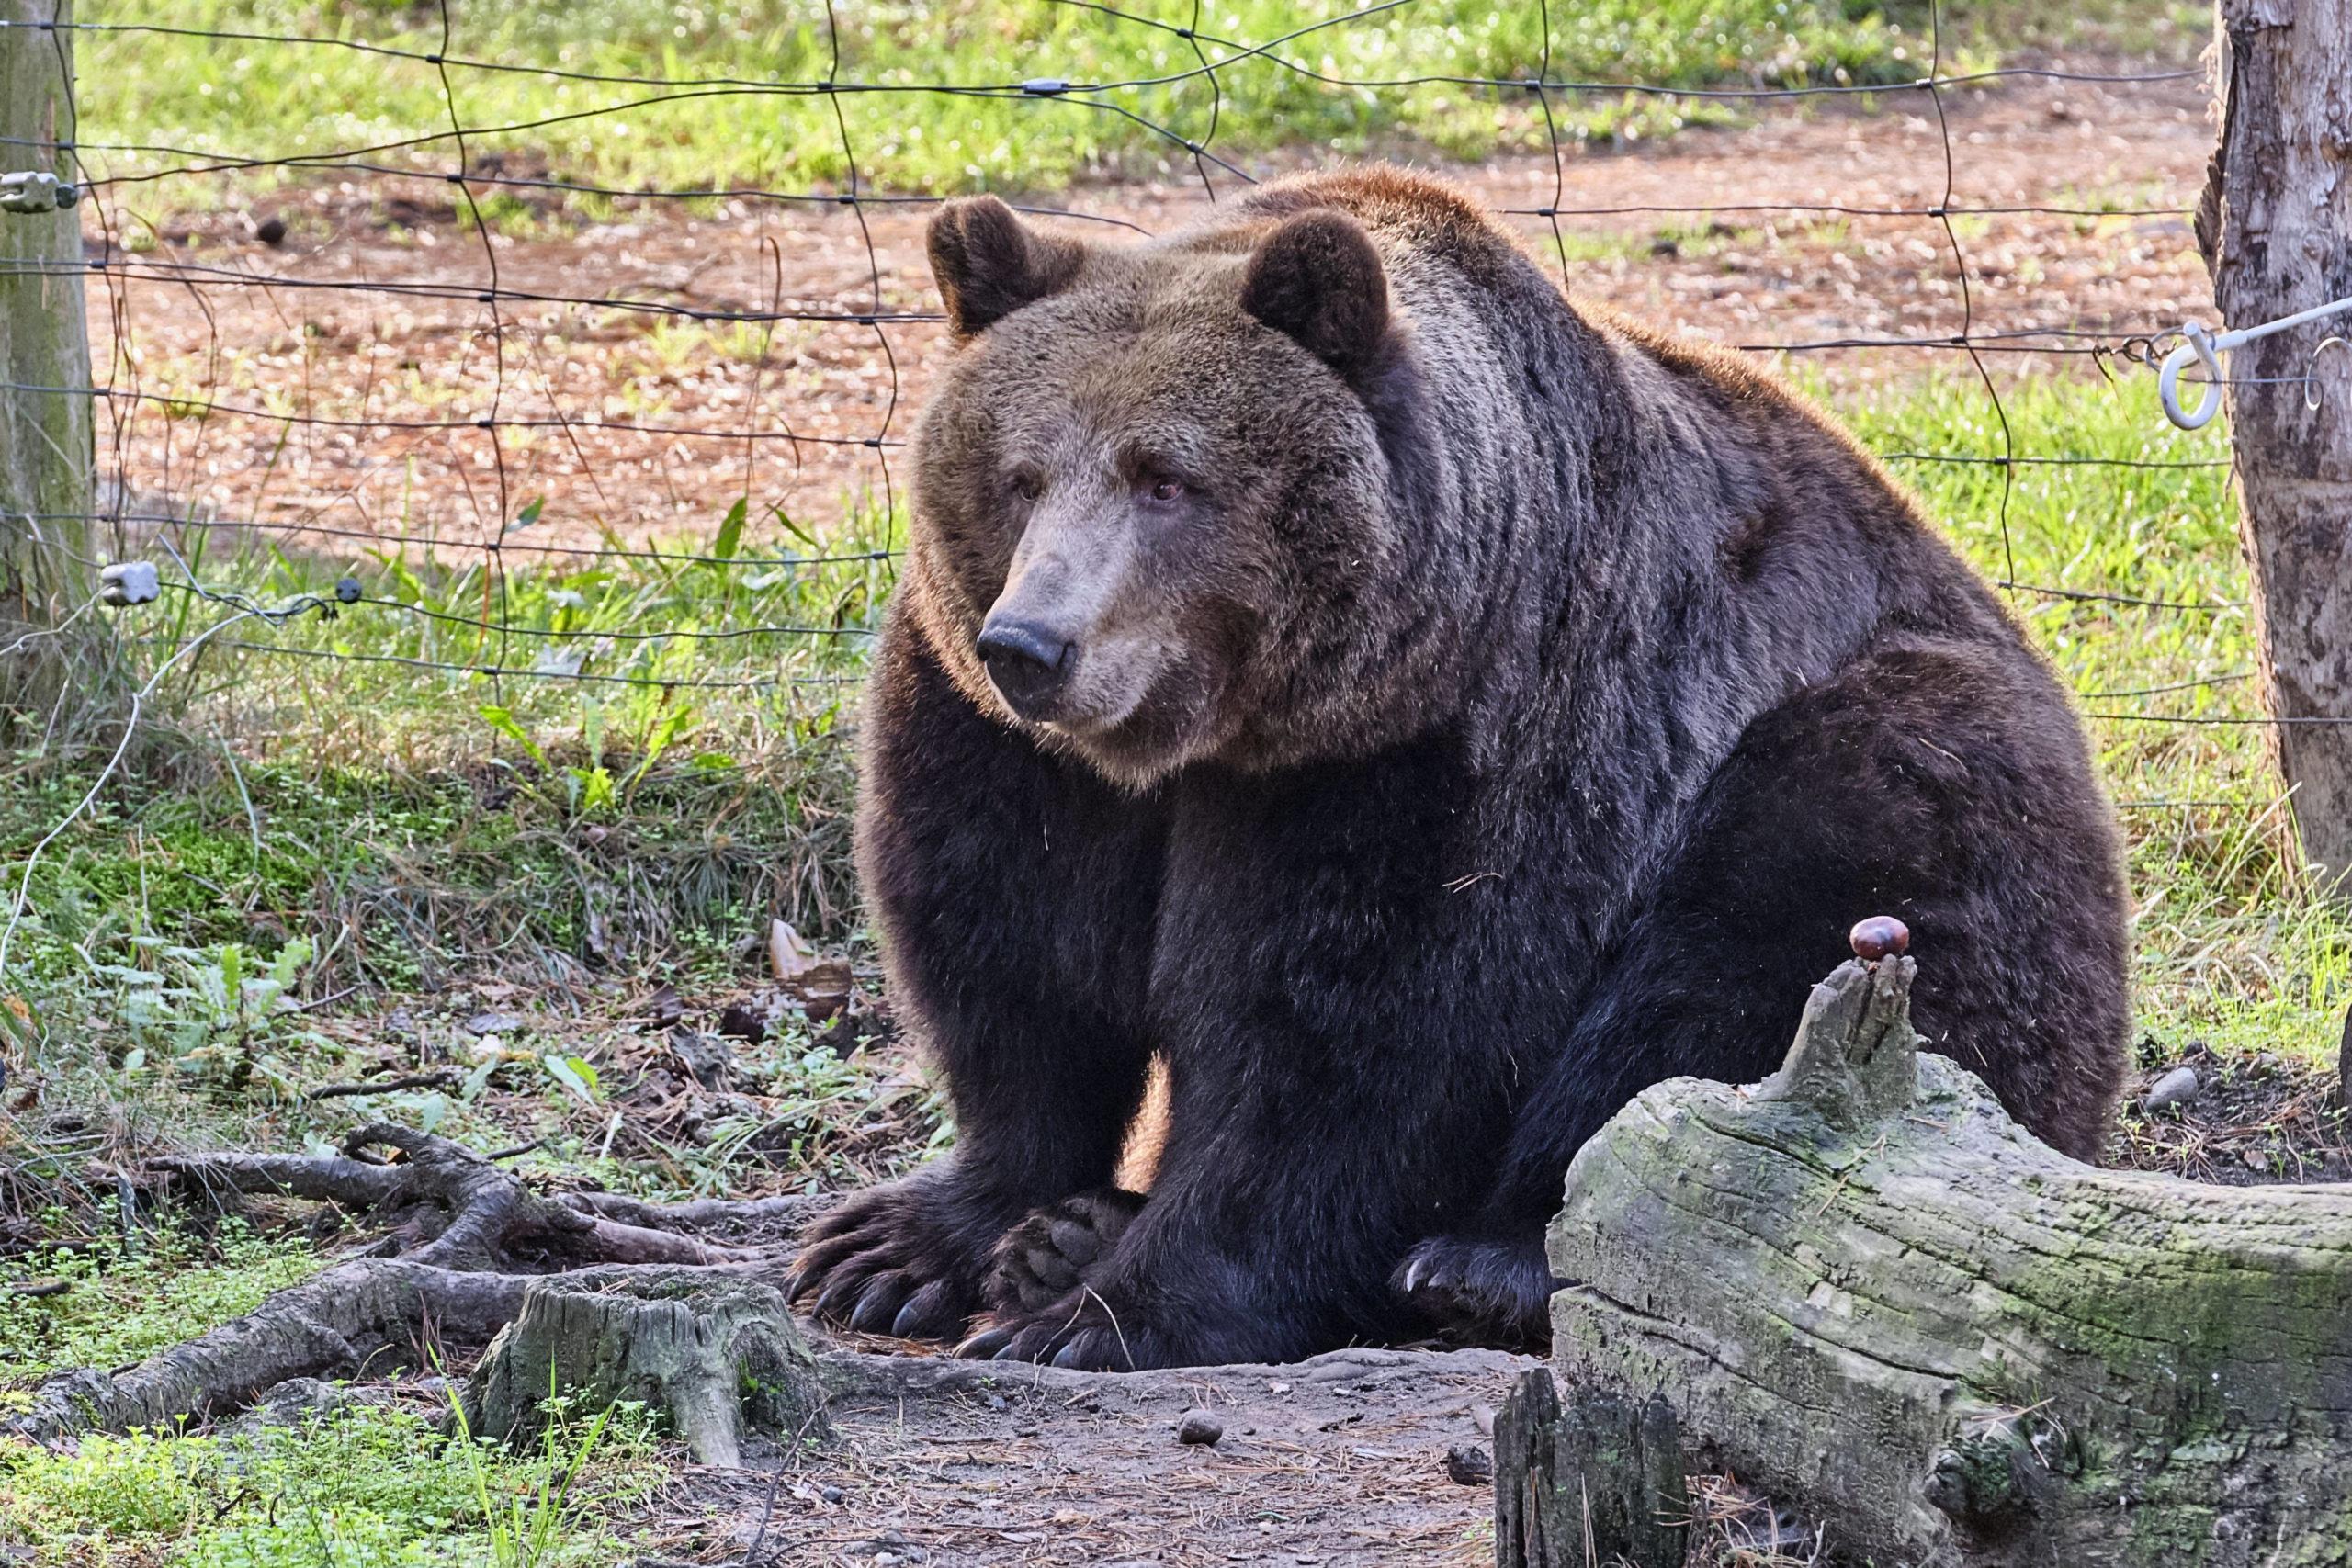 Ein Braunbär im Tierpark Johannismühle lässt alle Fünfe gerade sein.